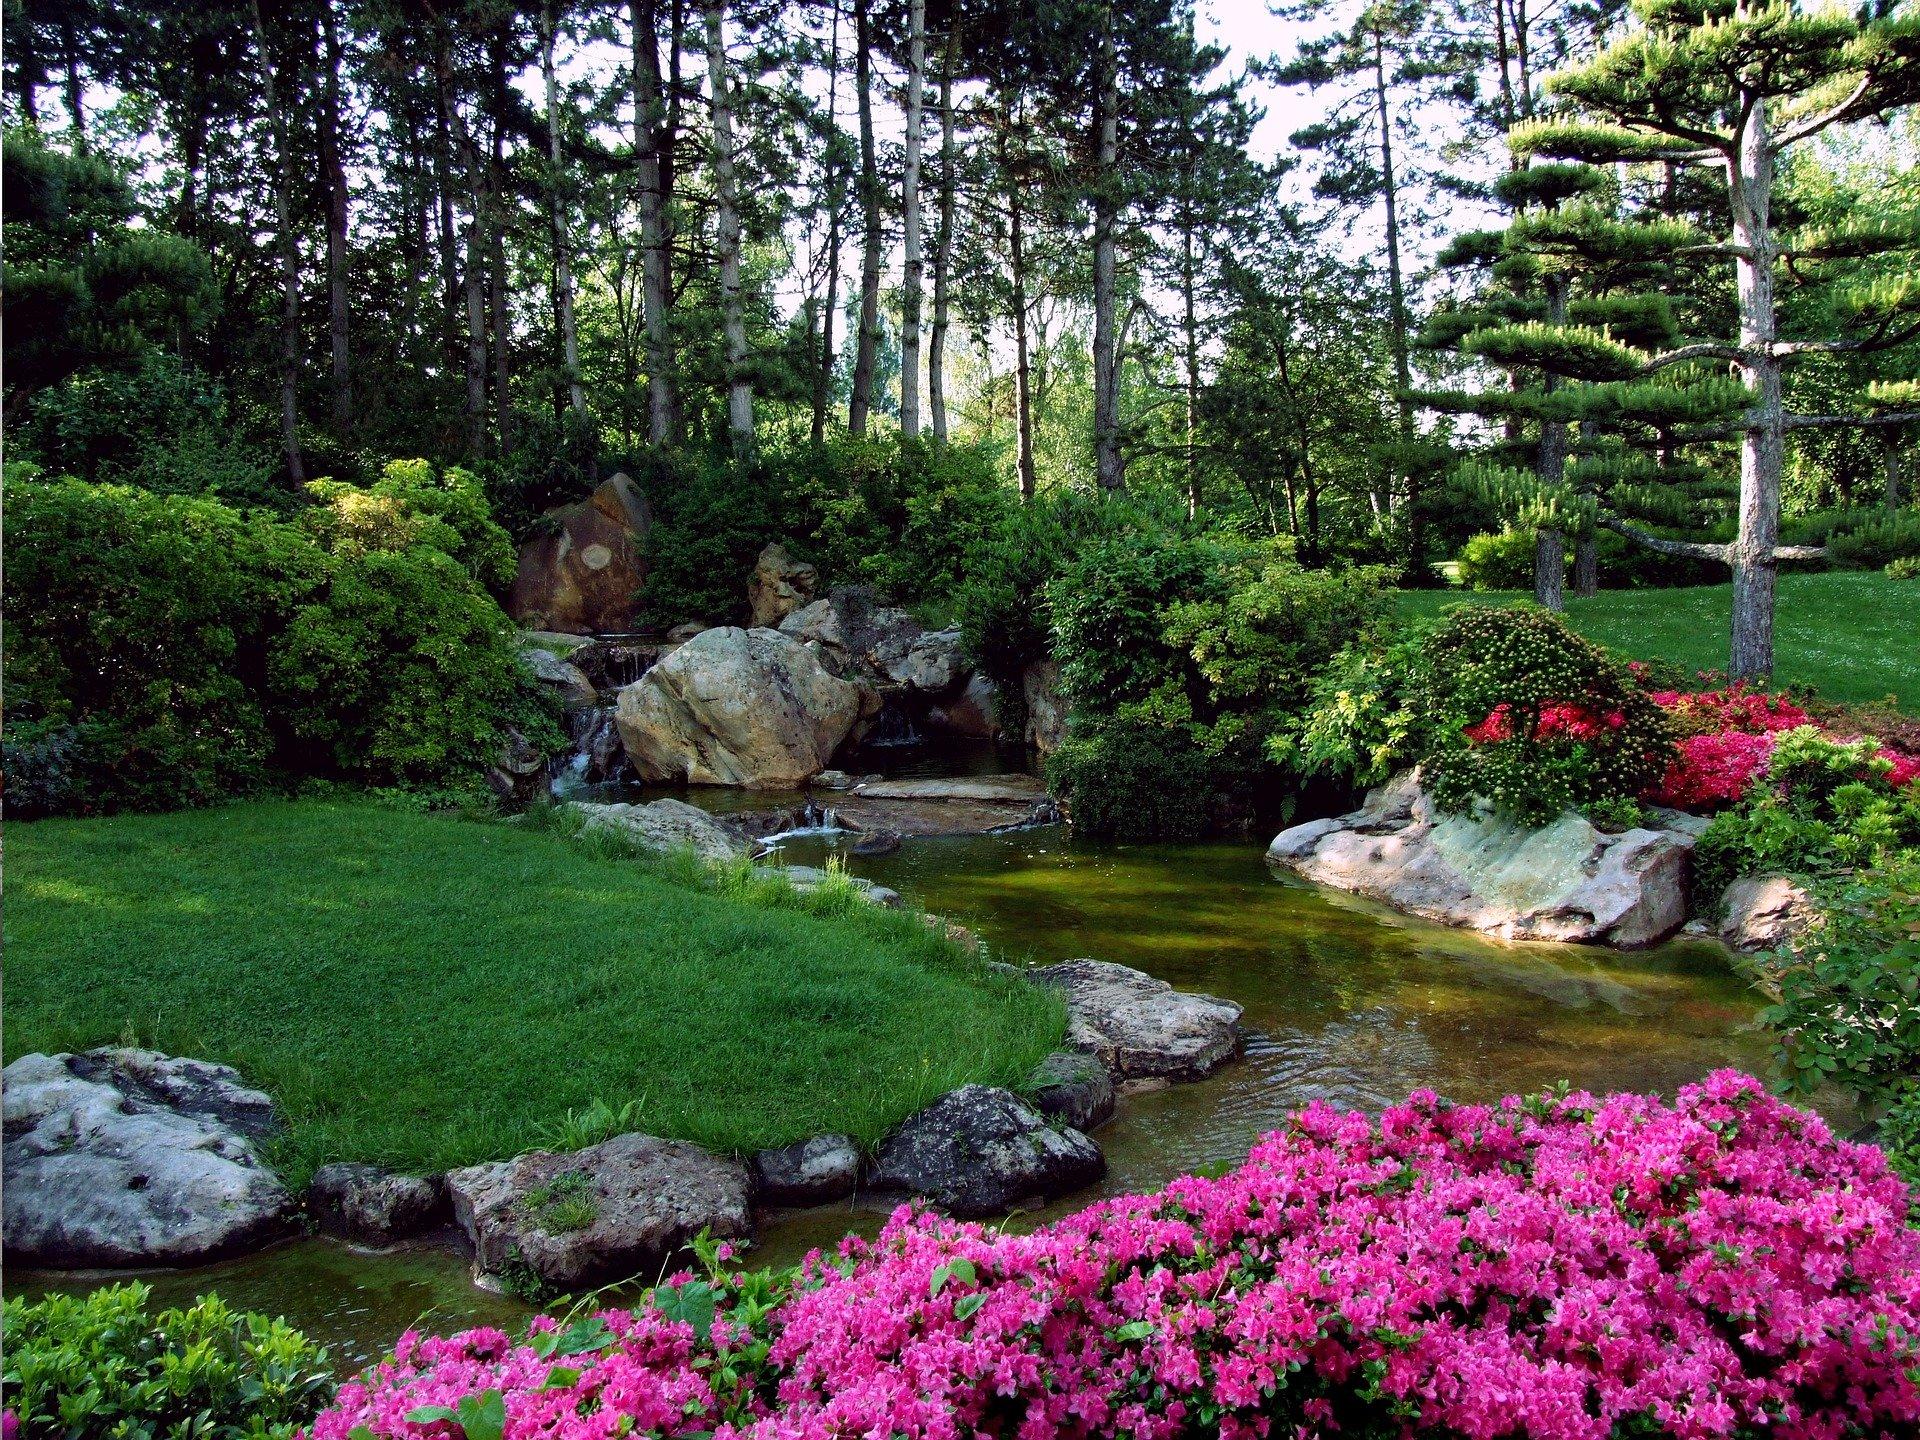 Jardin paysagre japonais avec un bassin